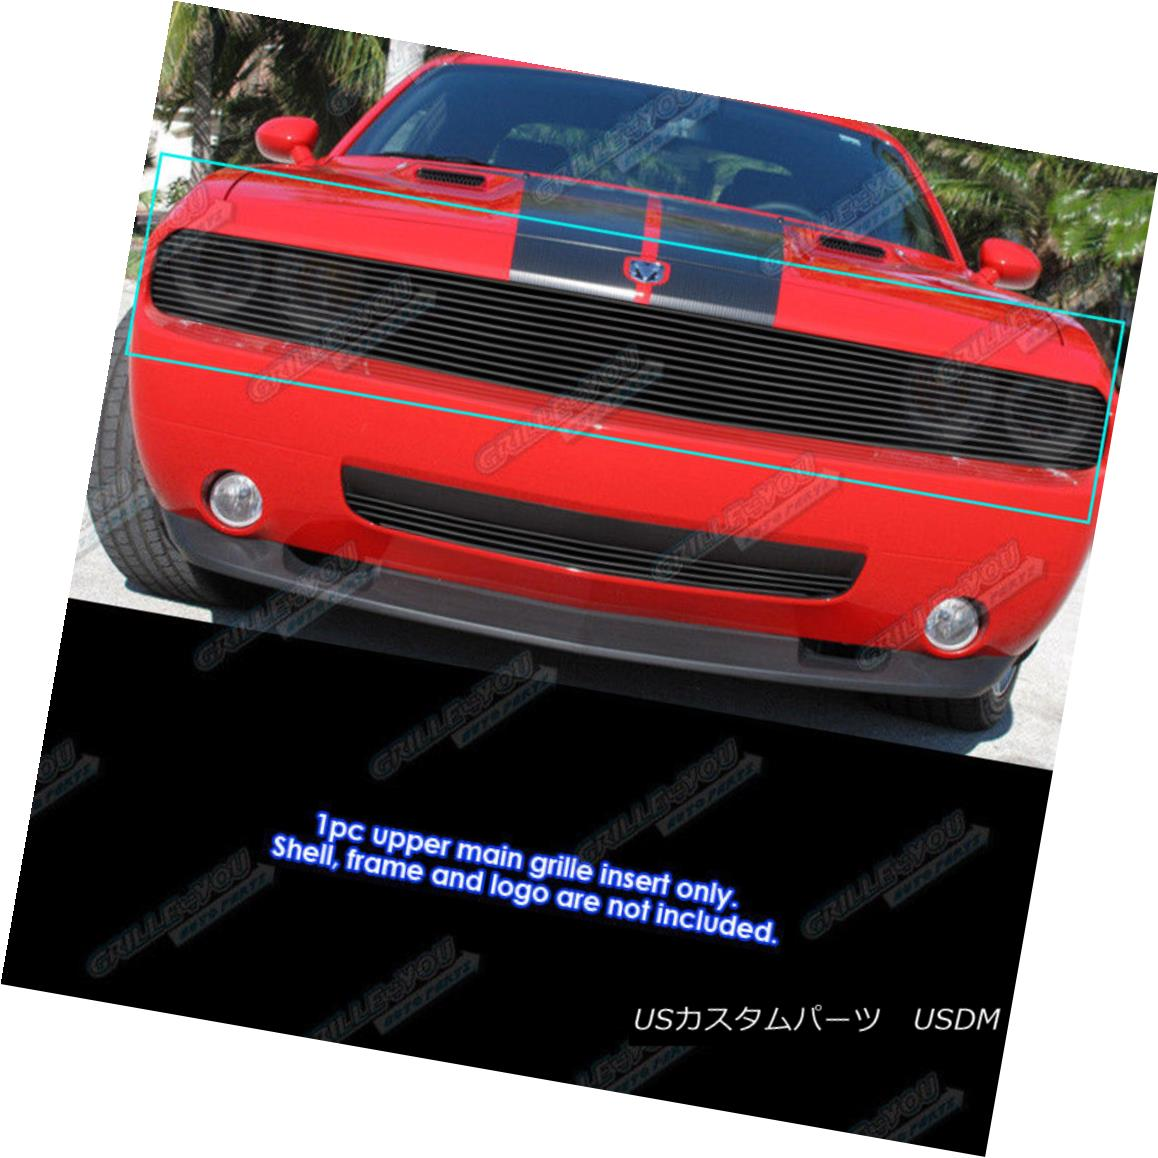 グリル Fits 2009-2014 Dodge Challenger Phantom Black Billet Grille Insert フィット2009-2014ダッジチャレンジャーファントムブラックビレットグリルインサート